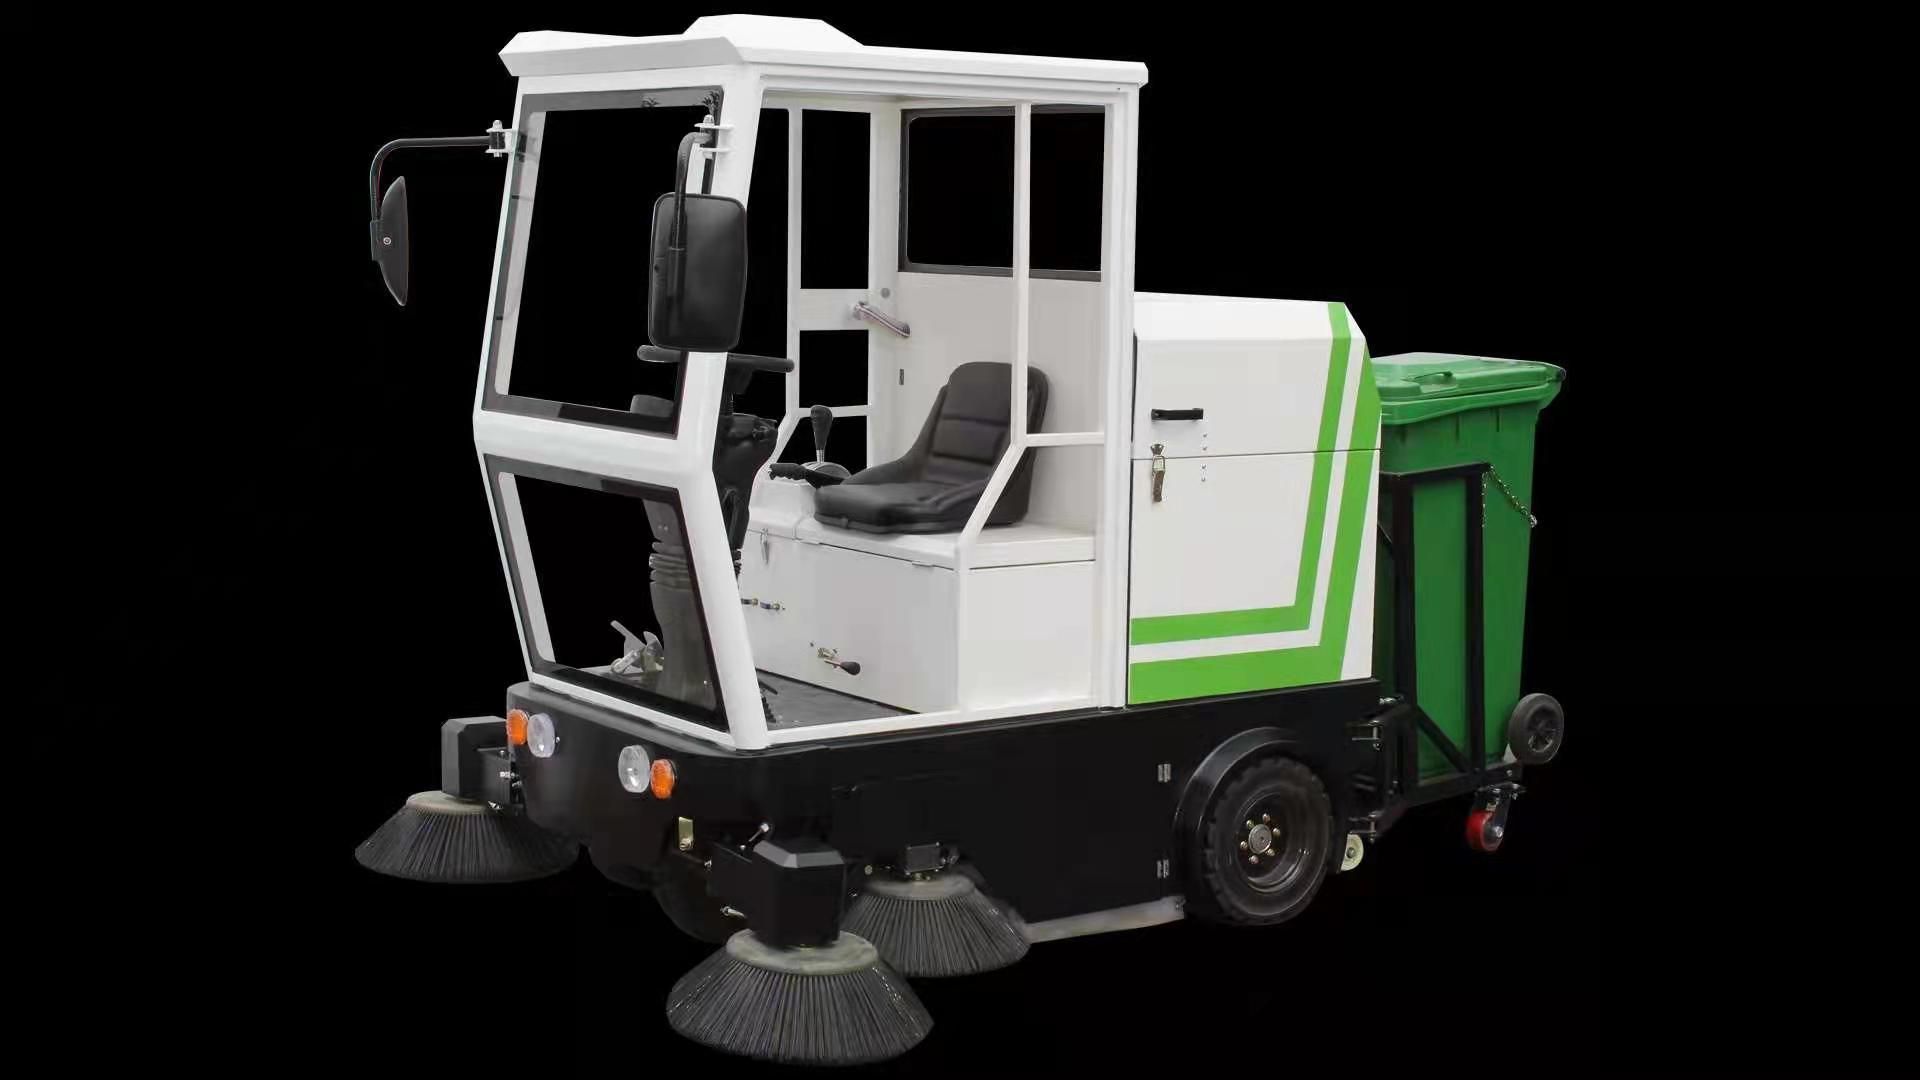 菏泽欧博森驾驶扫地车厂家-扫地车价格